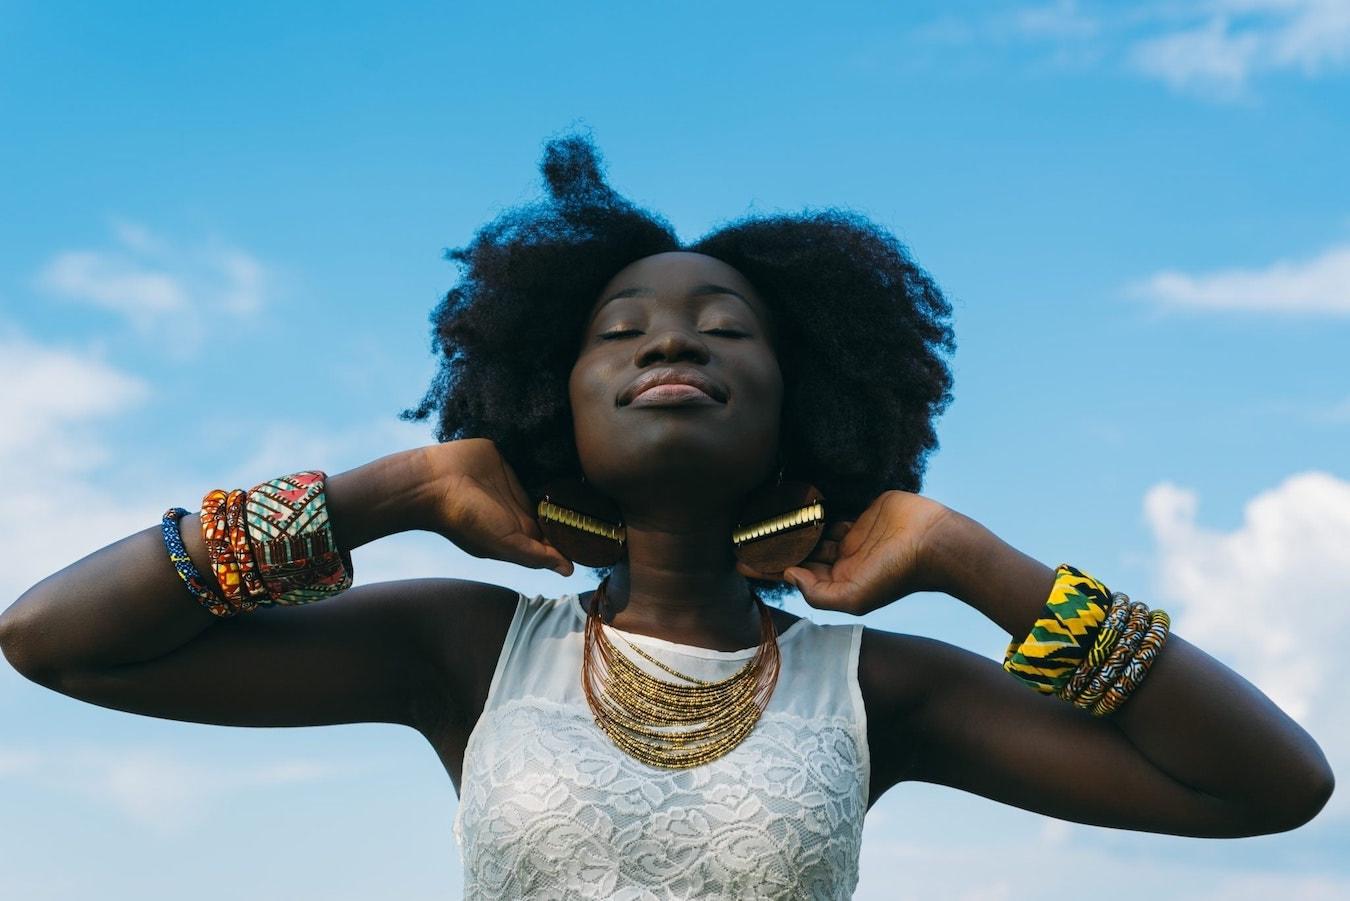 junge dunkelhäutige Frau ist befreit von negativen Gedanken, ist erleichtert, genießt den Moment